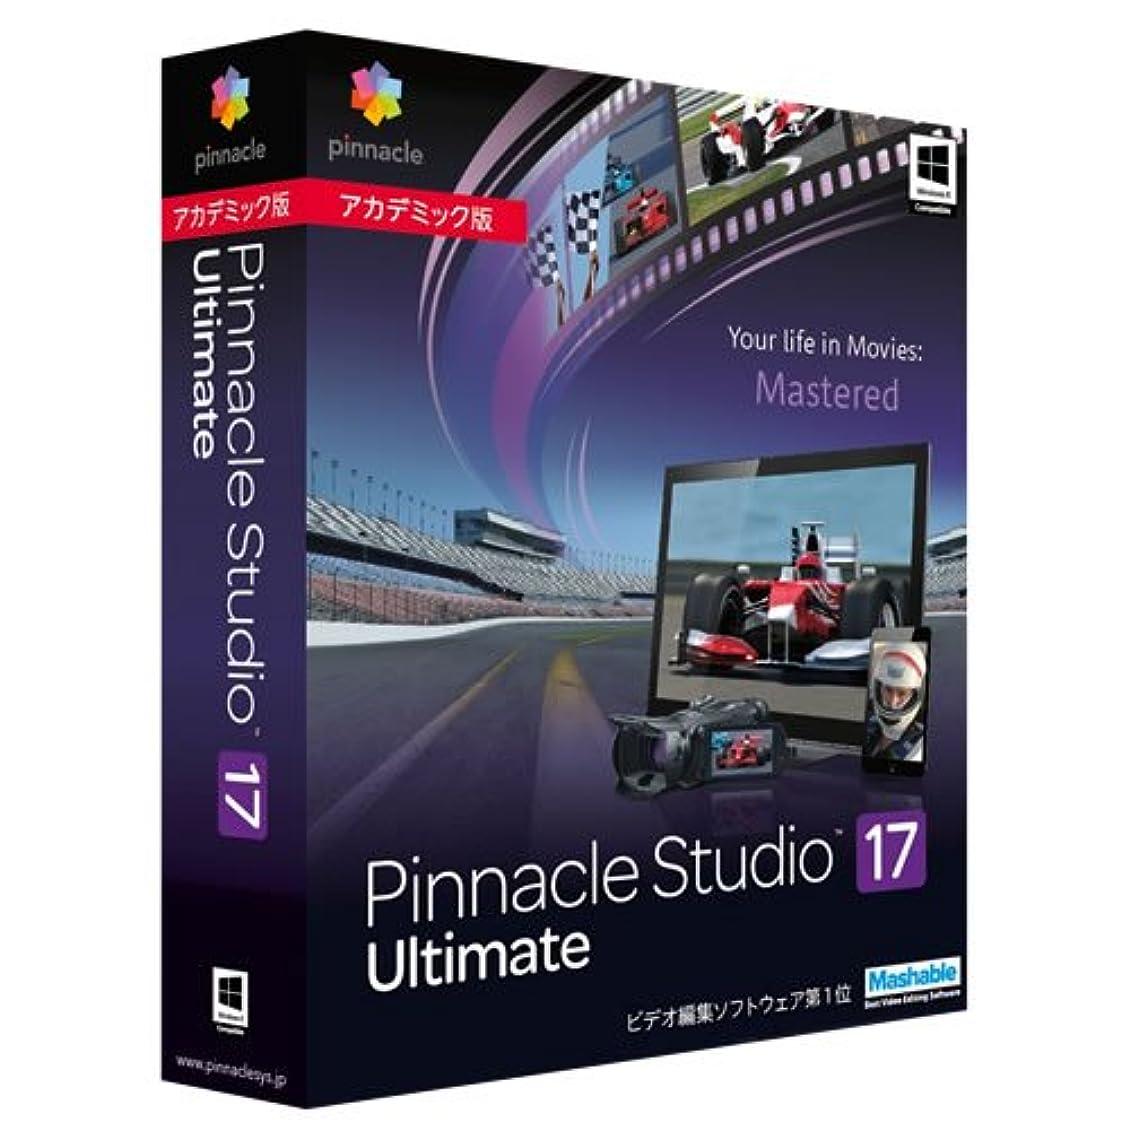 残酷なキャスト小康Pinnacle Studio 17 Ultimate アカデミック